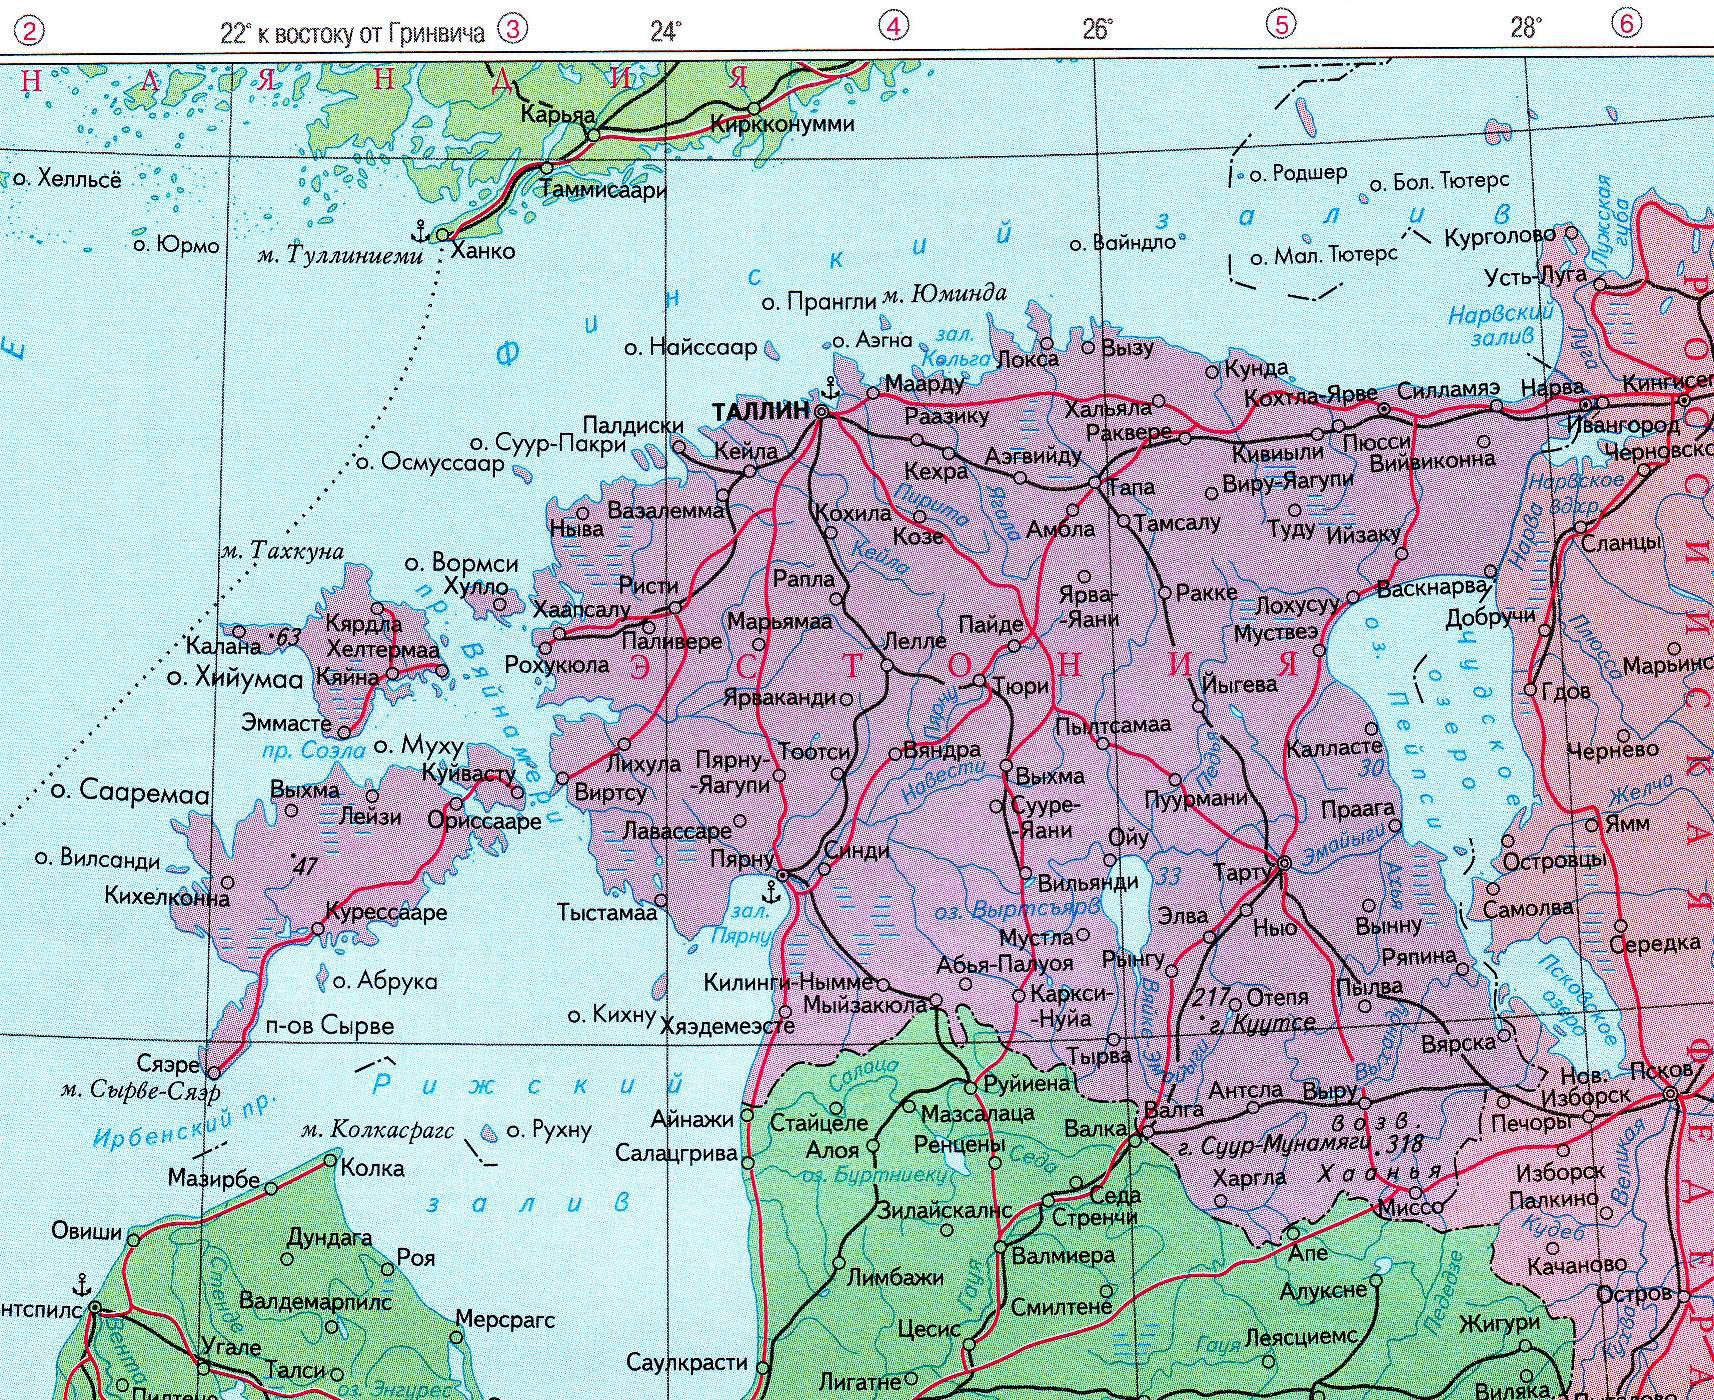 Подробная карта автодорог эстонии на